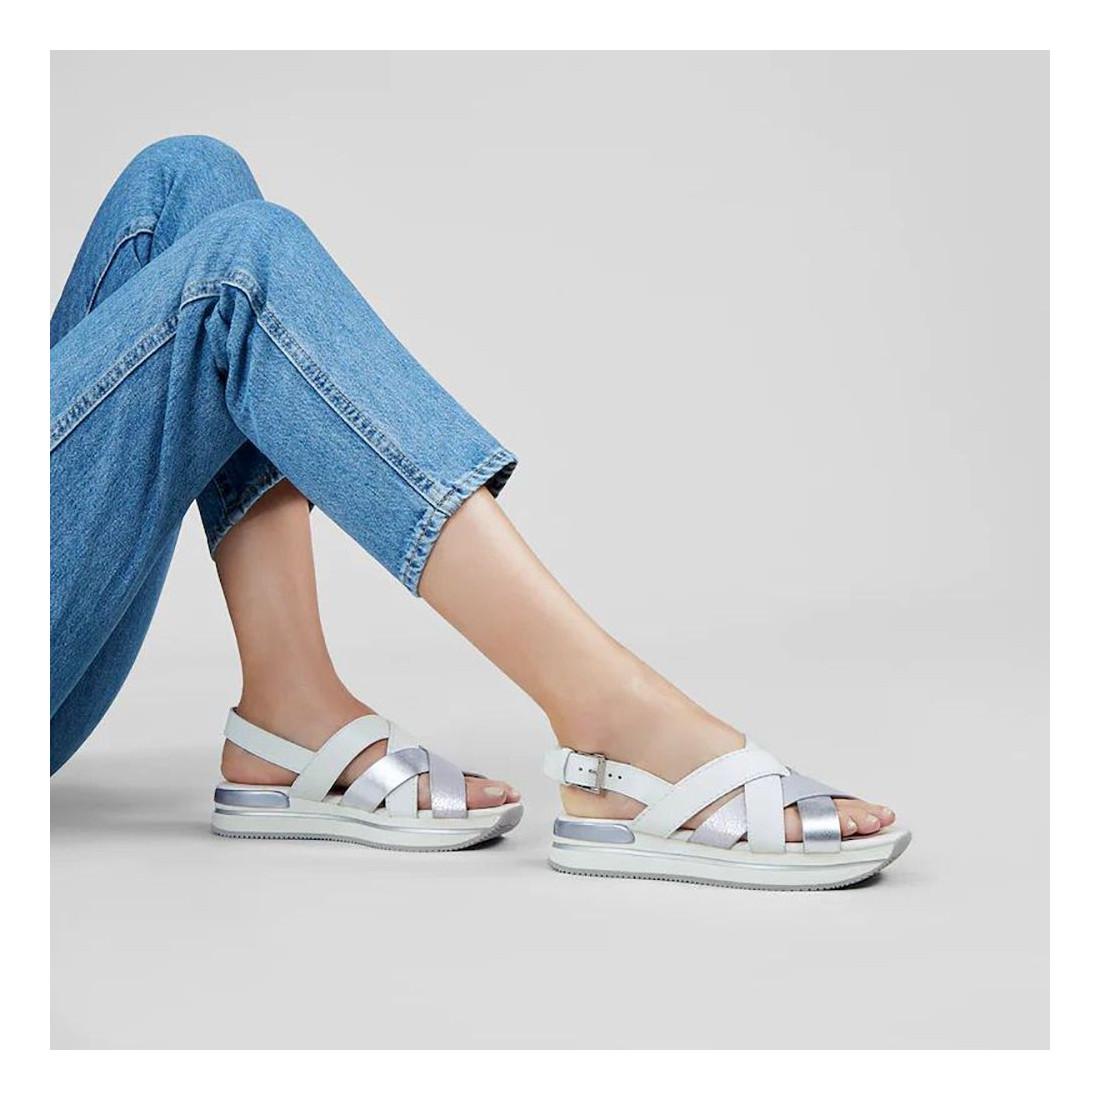 Sandalo incrociato donna Hogan H222 bianco e argento in pelle